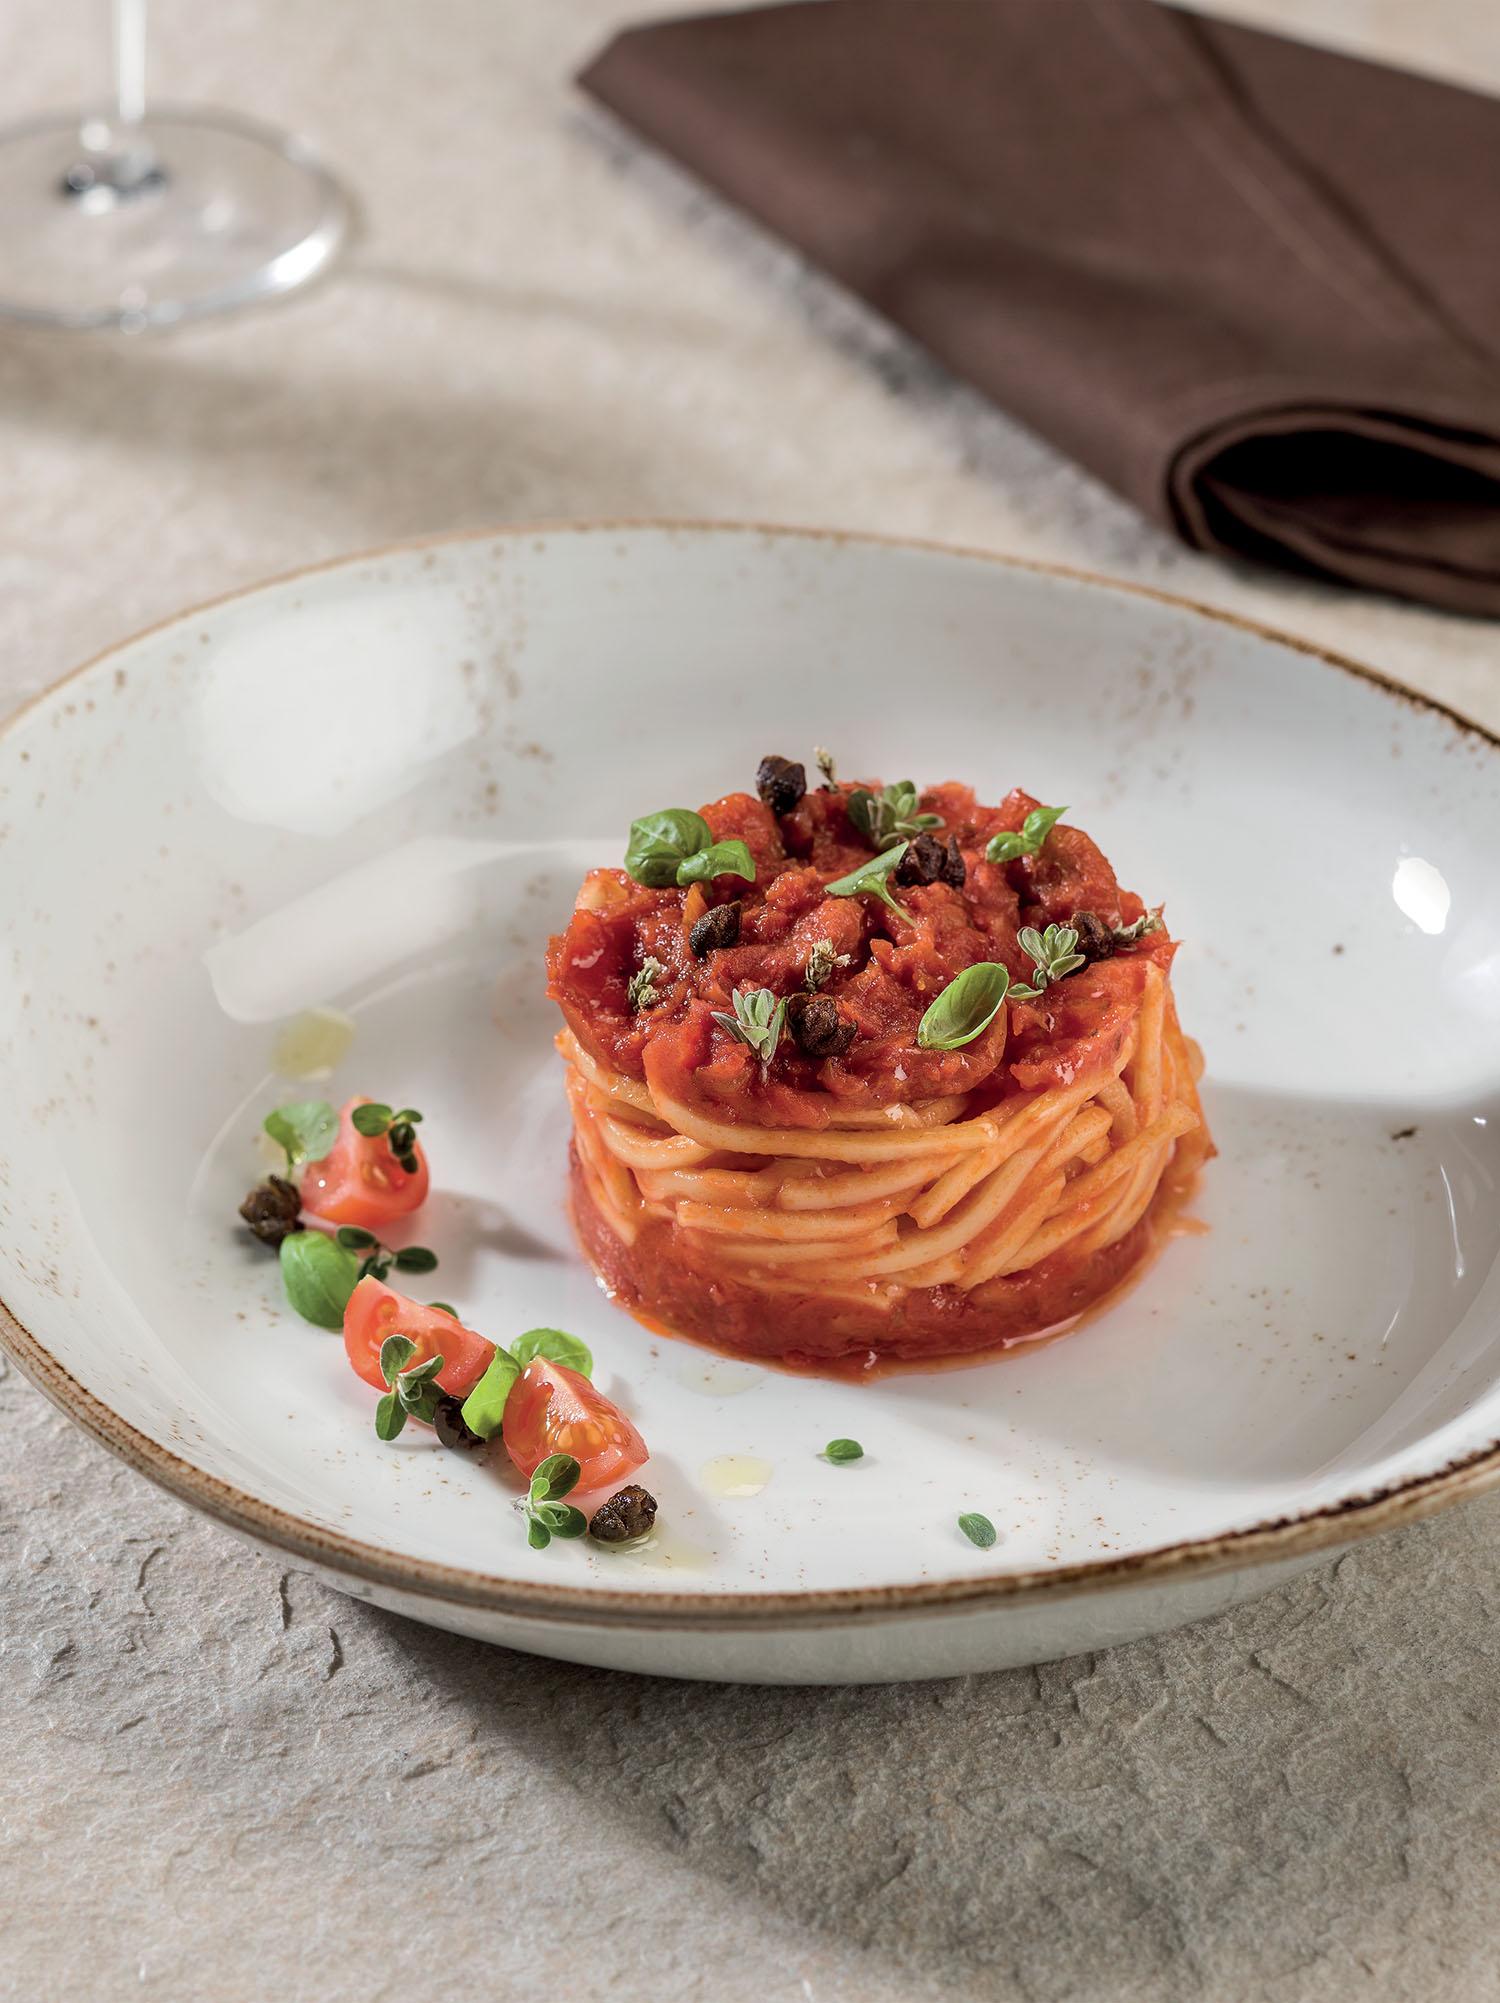 Spaghetti alla Chitarra con fonduta di pomodoro pachino e profumi mediterranei